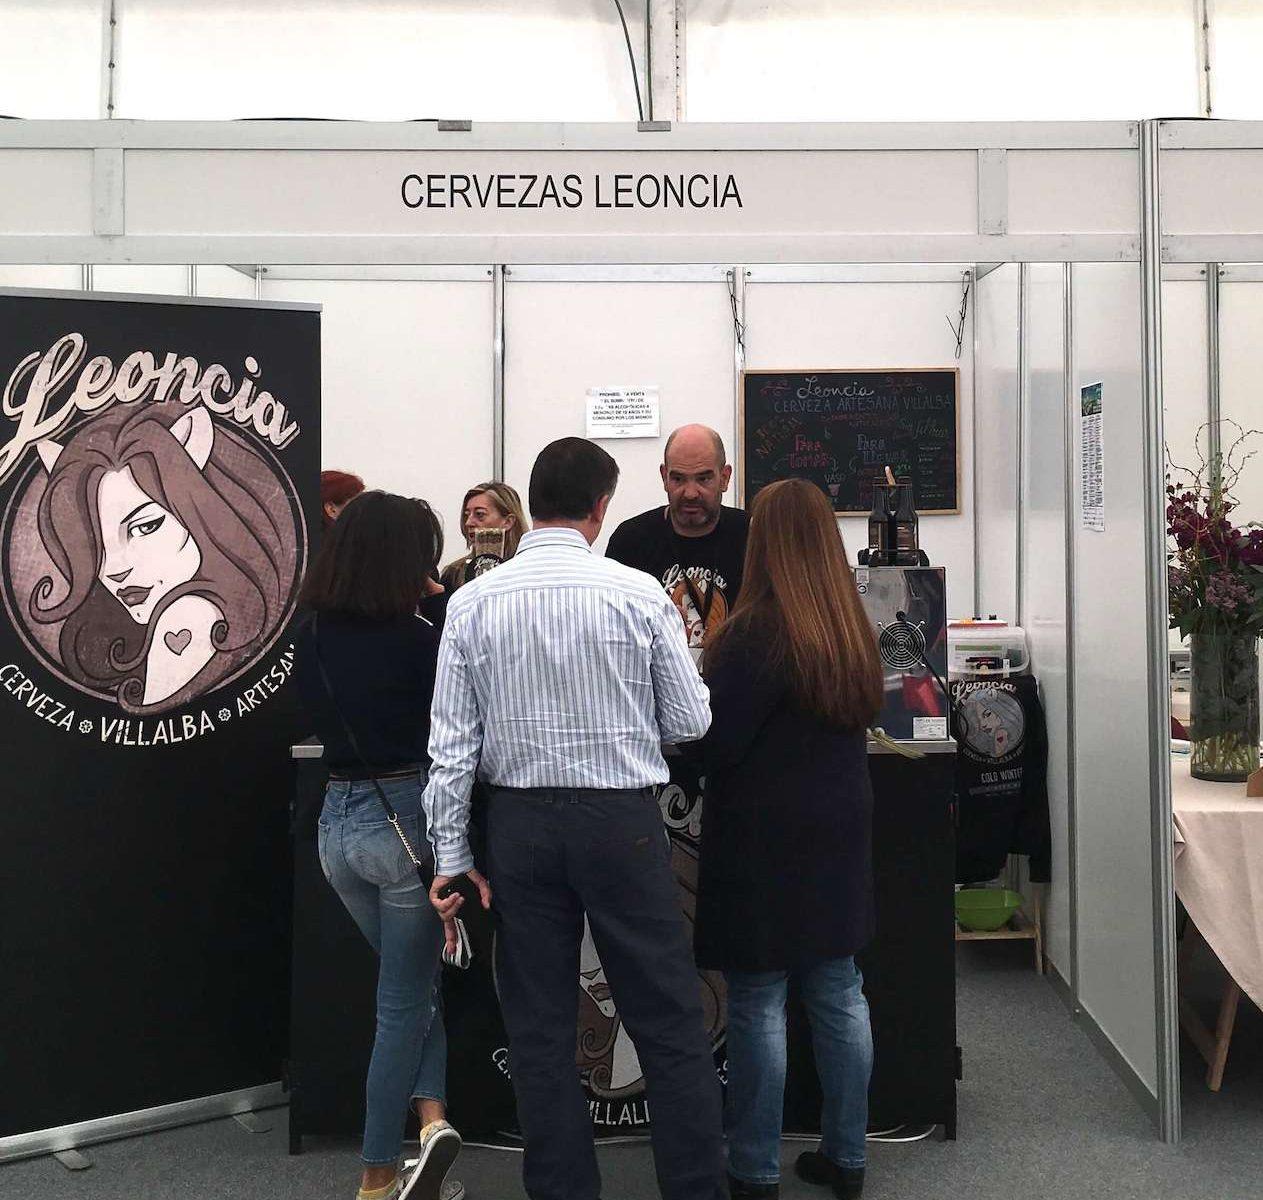 Cervezas_Leoncia_Vive_la_sierra_2019_6